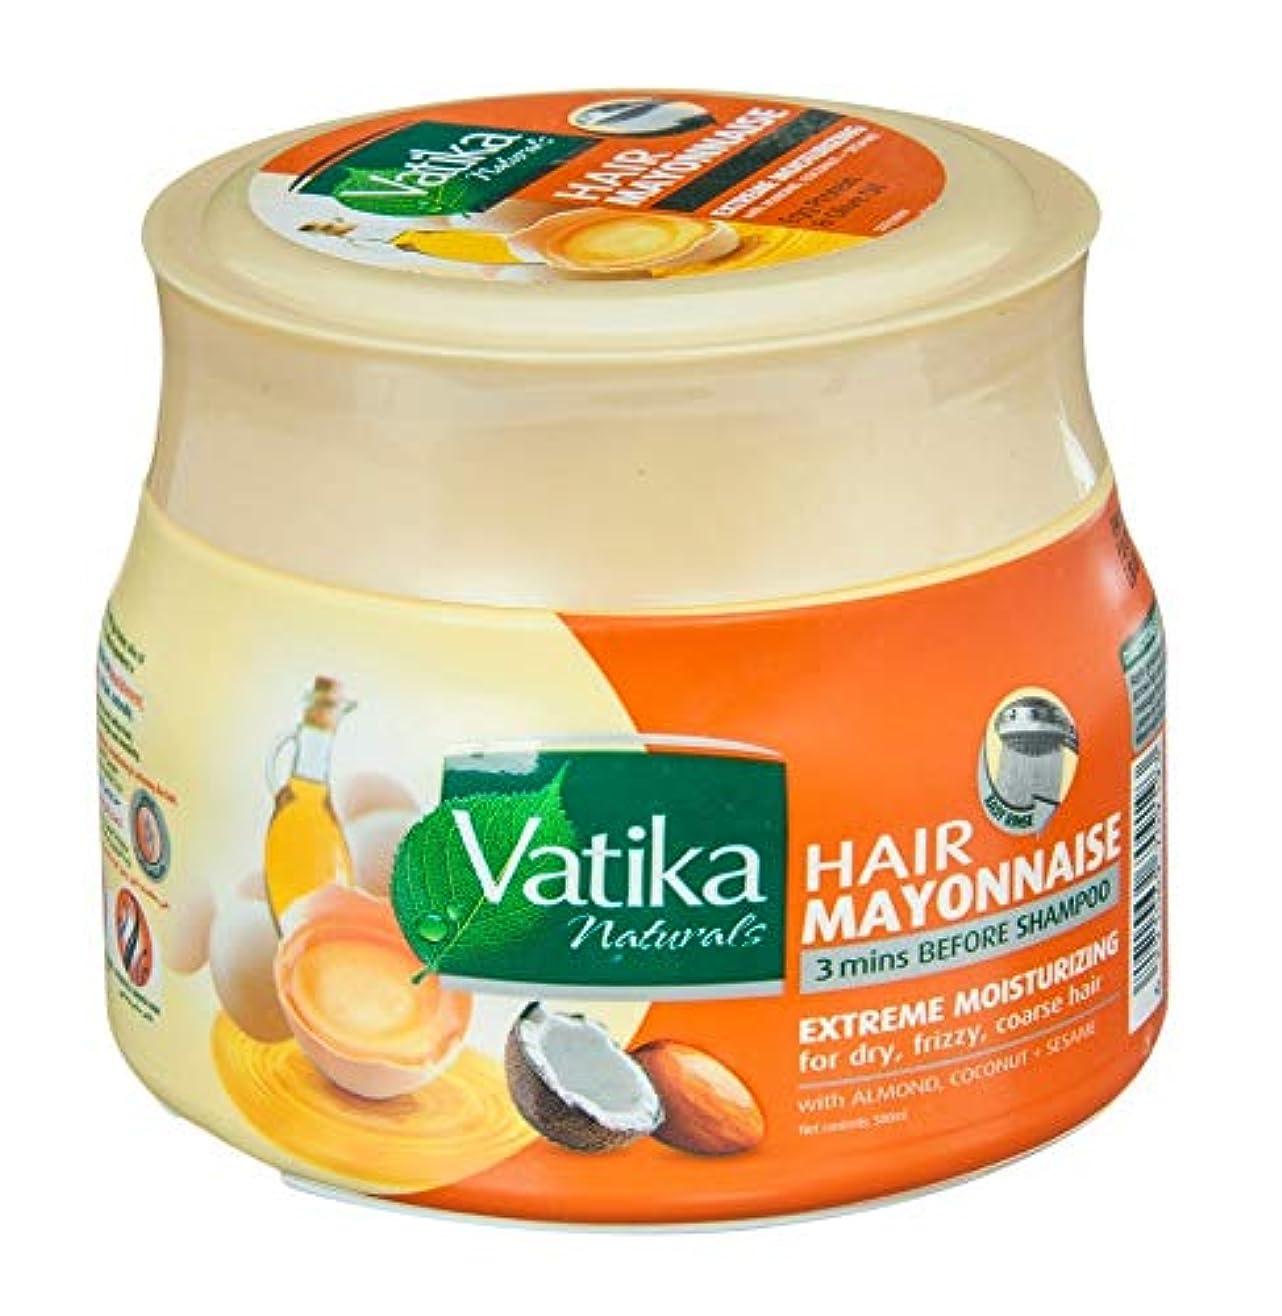 回転する玉規則性Natural Vatika Hair Mayonnaise Moisturizing 3 mins Before Shampoo 500 ml (Extreme Moisturizing (Almond, Coconut...